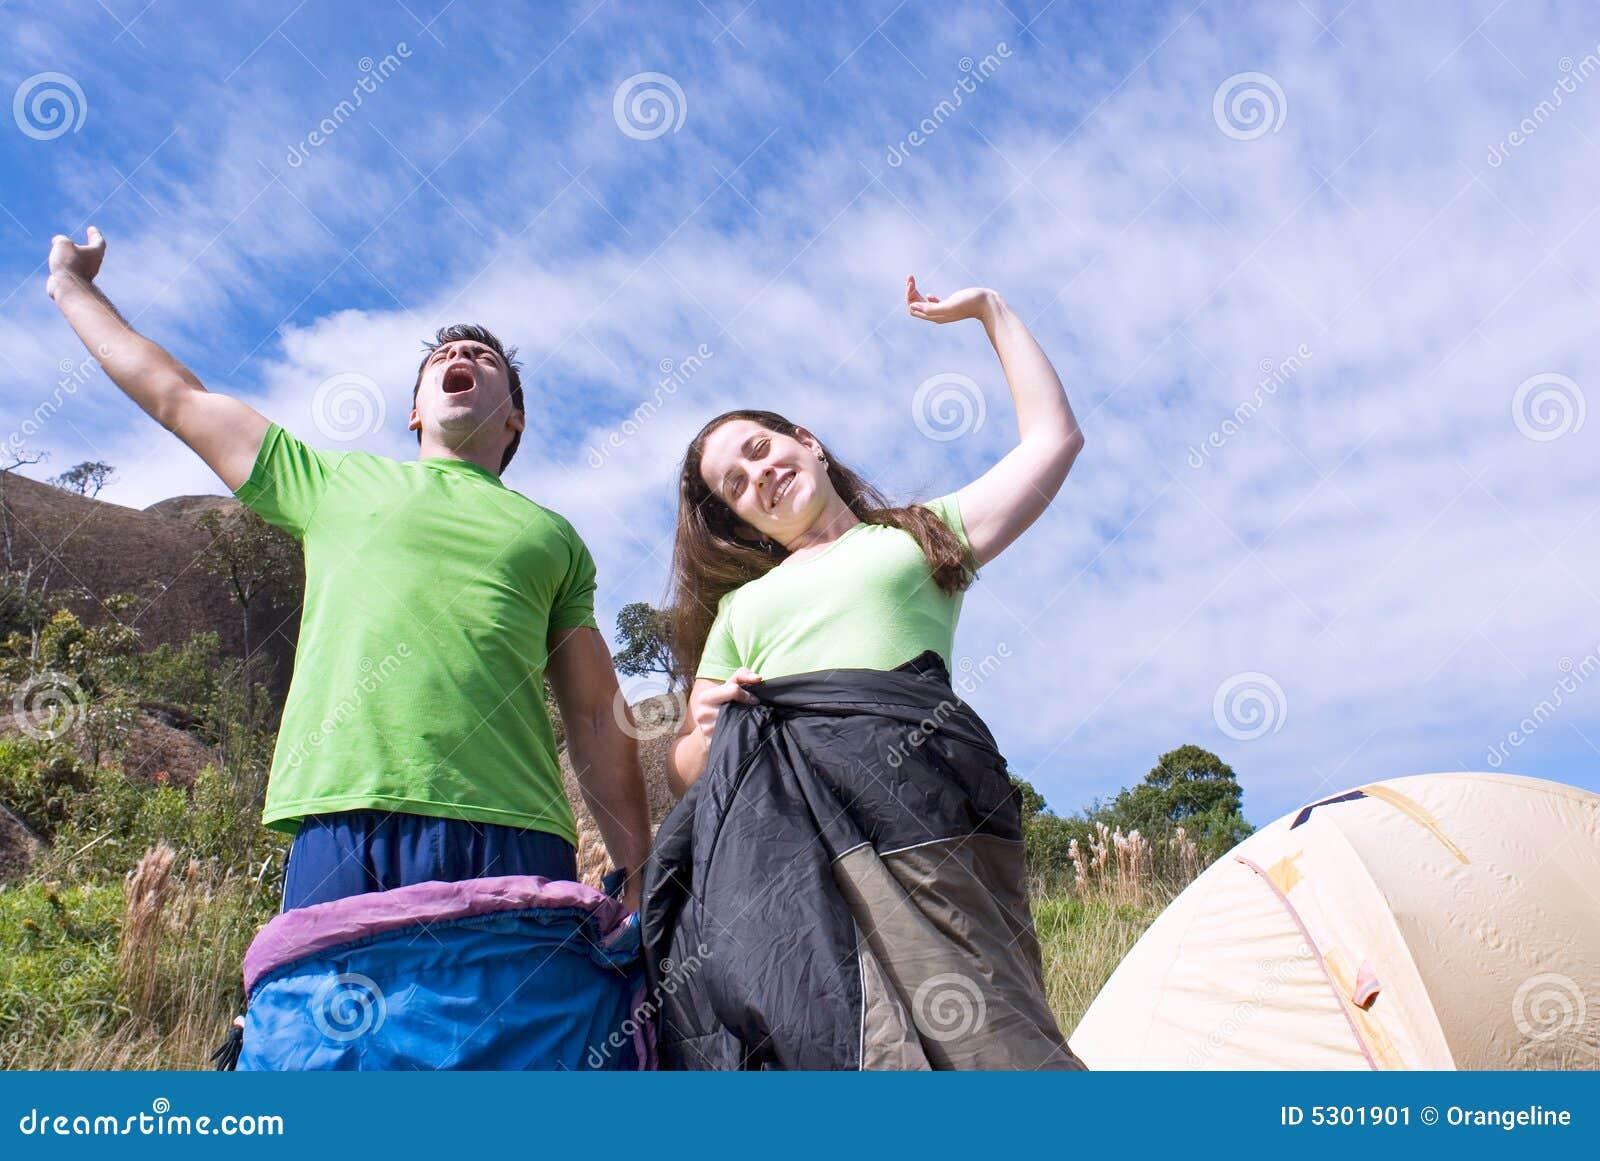 Download Svegliare All'aperto - Orizzontale Immagine Stock - Immagine di divertimento, aria: 5301901